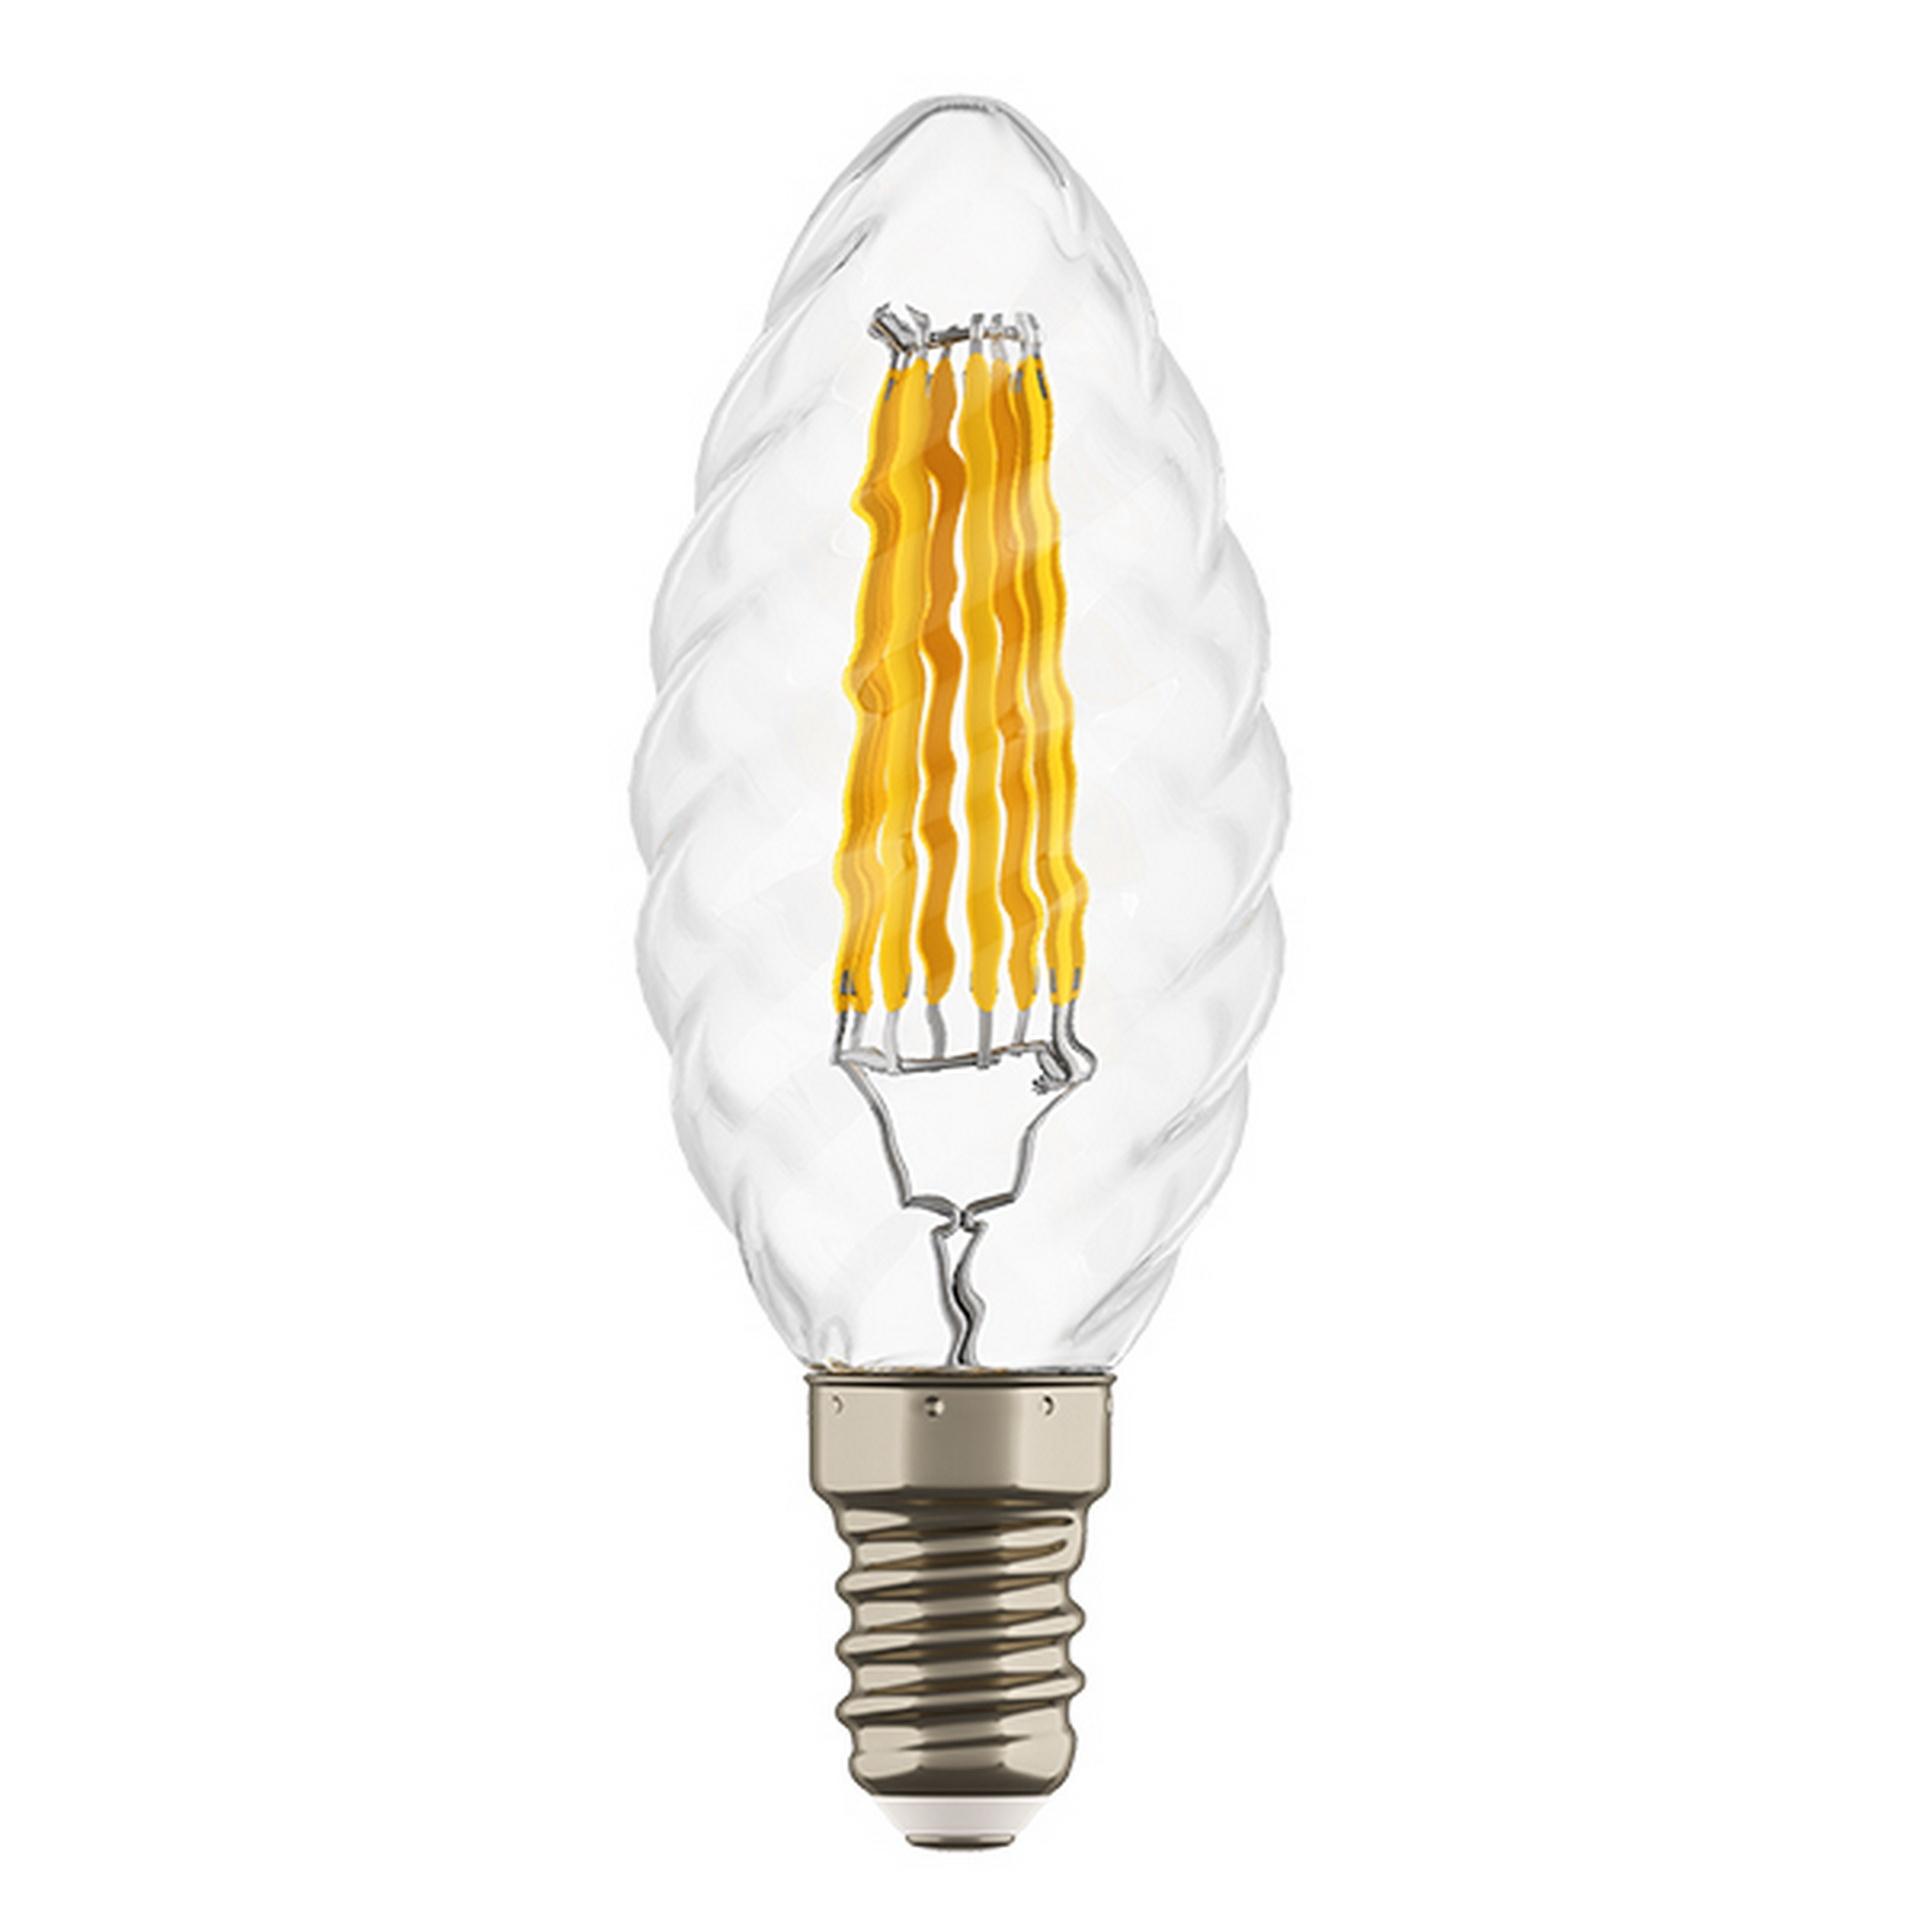 Светодиодная LED лампа FILAMENT 220V, E14, 6W - 4000K, Lightstar 933704, купить в СПб, Москве, с доставкой, Санкт-Петербург, интернет-магазин люстр и светильников Starlight, фото в жизни